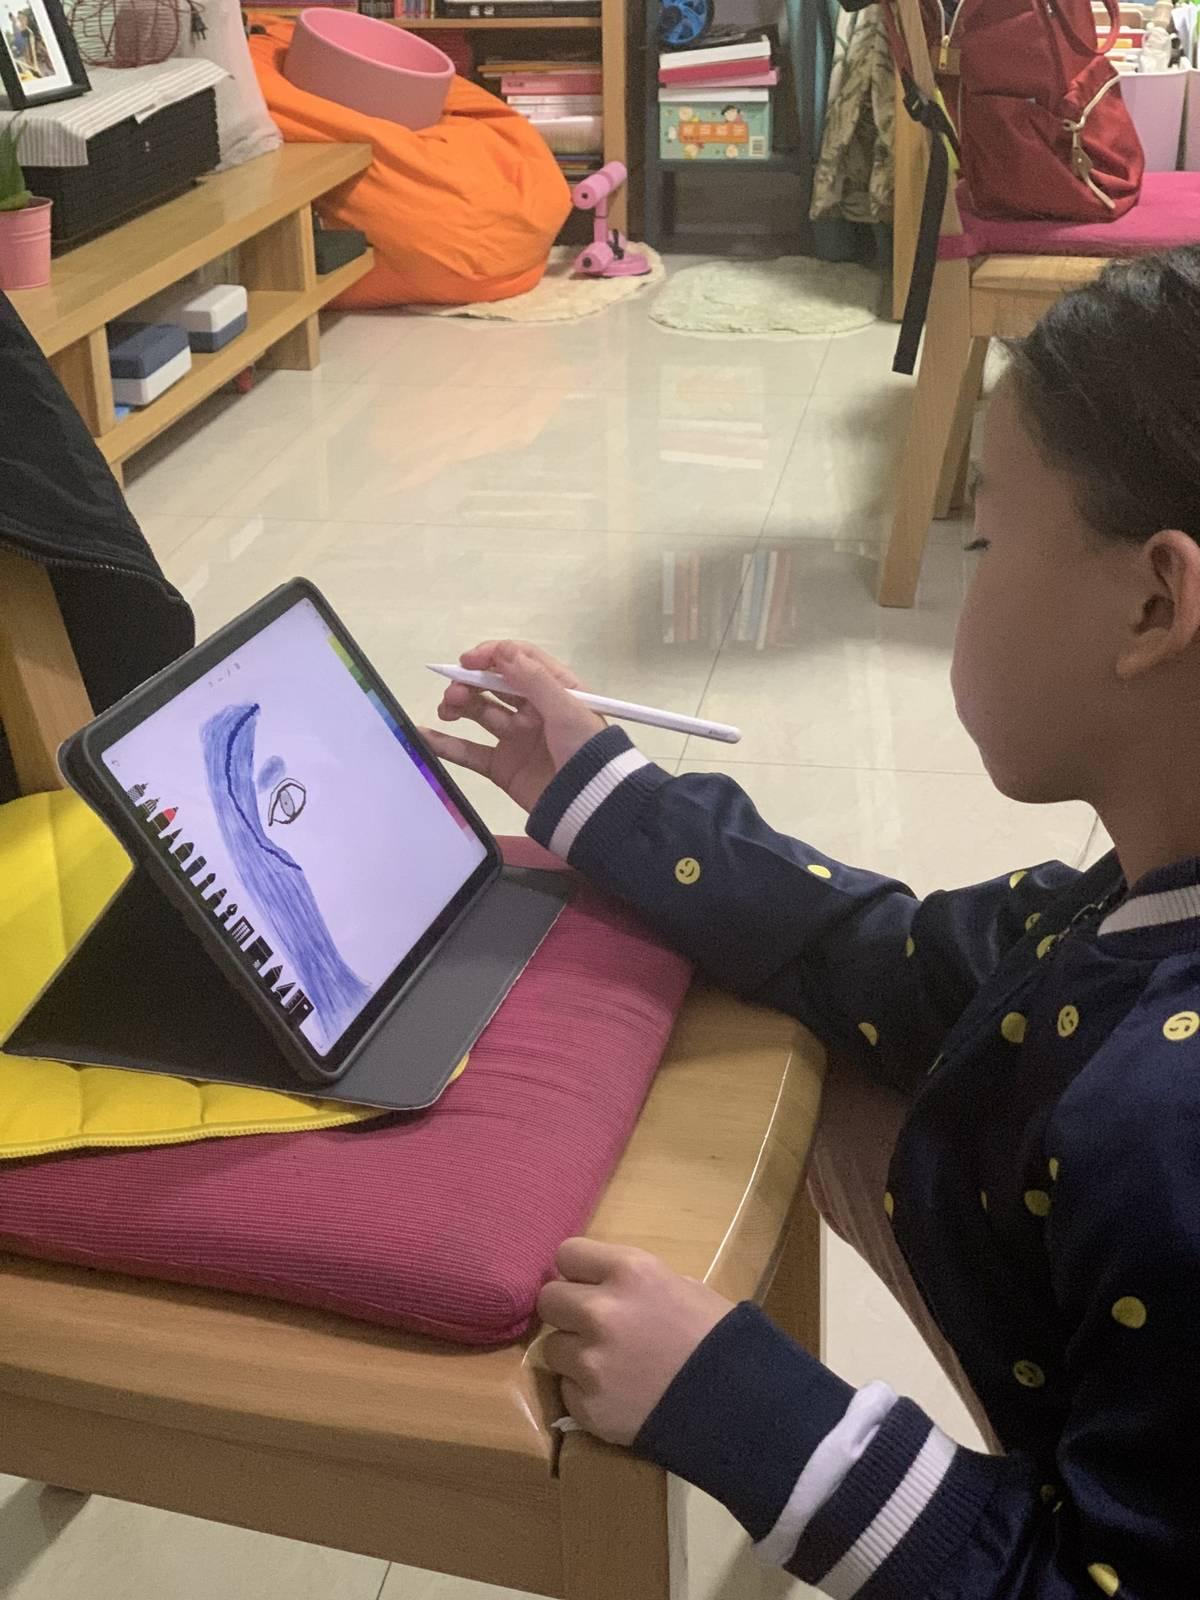 上周开始用 iPad 看书,想着就买了支笔,多多先拿它画画了